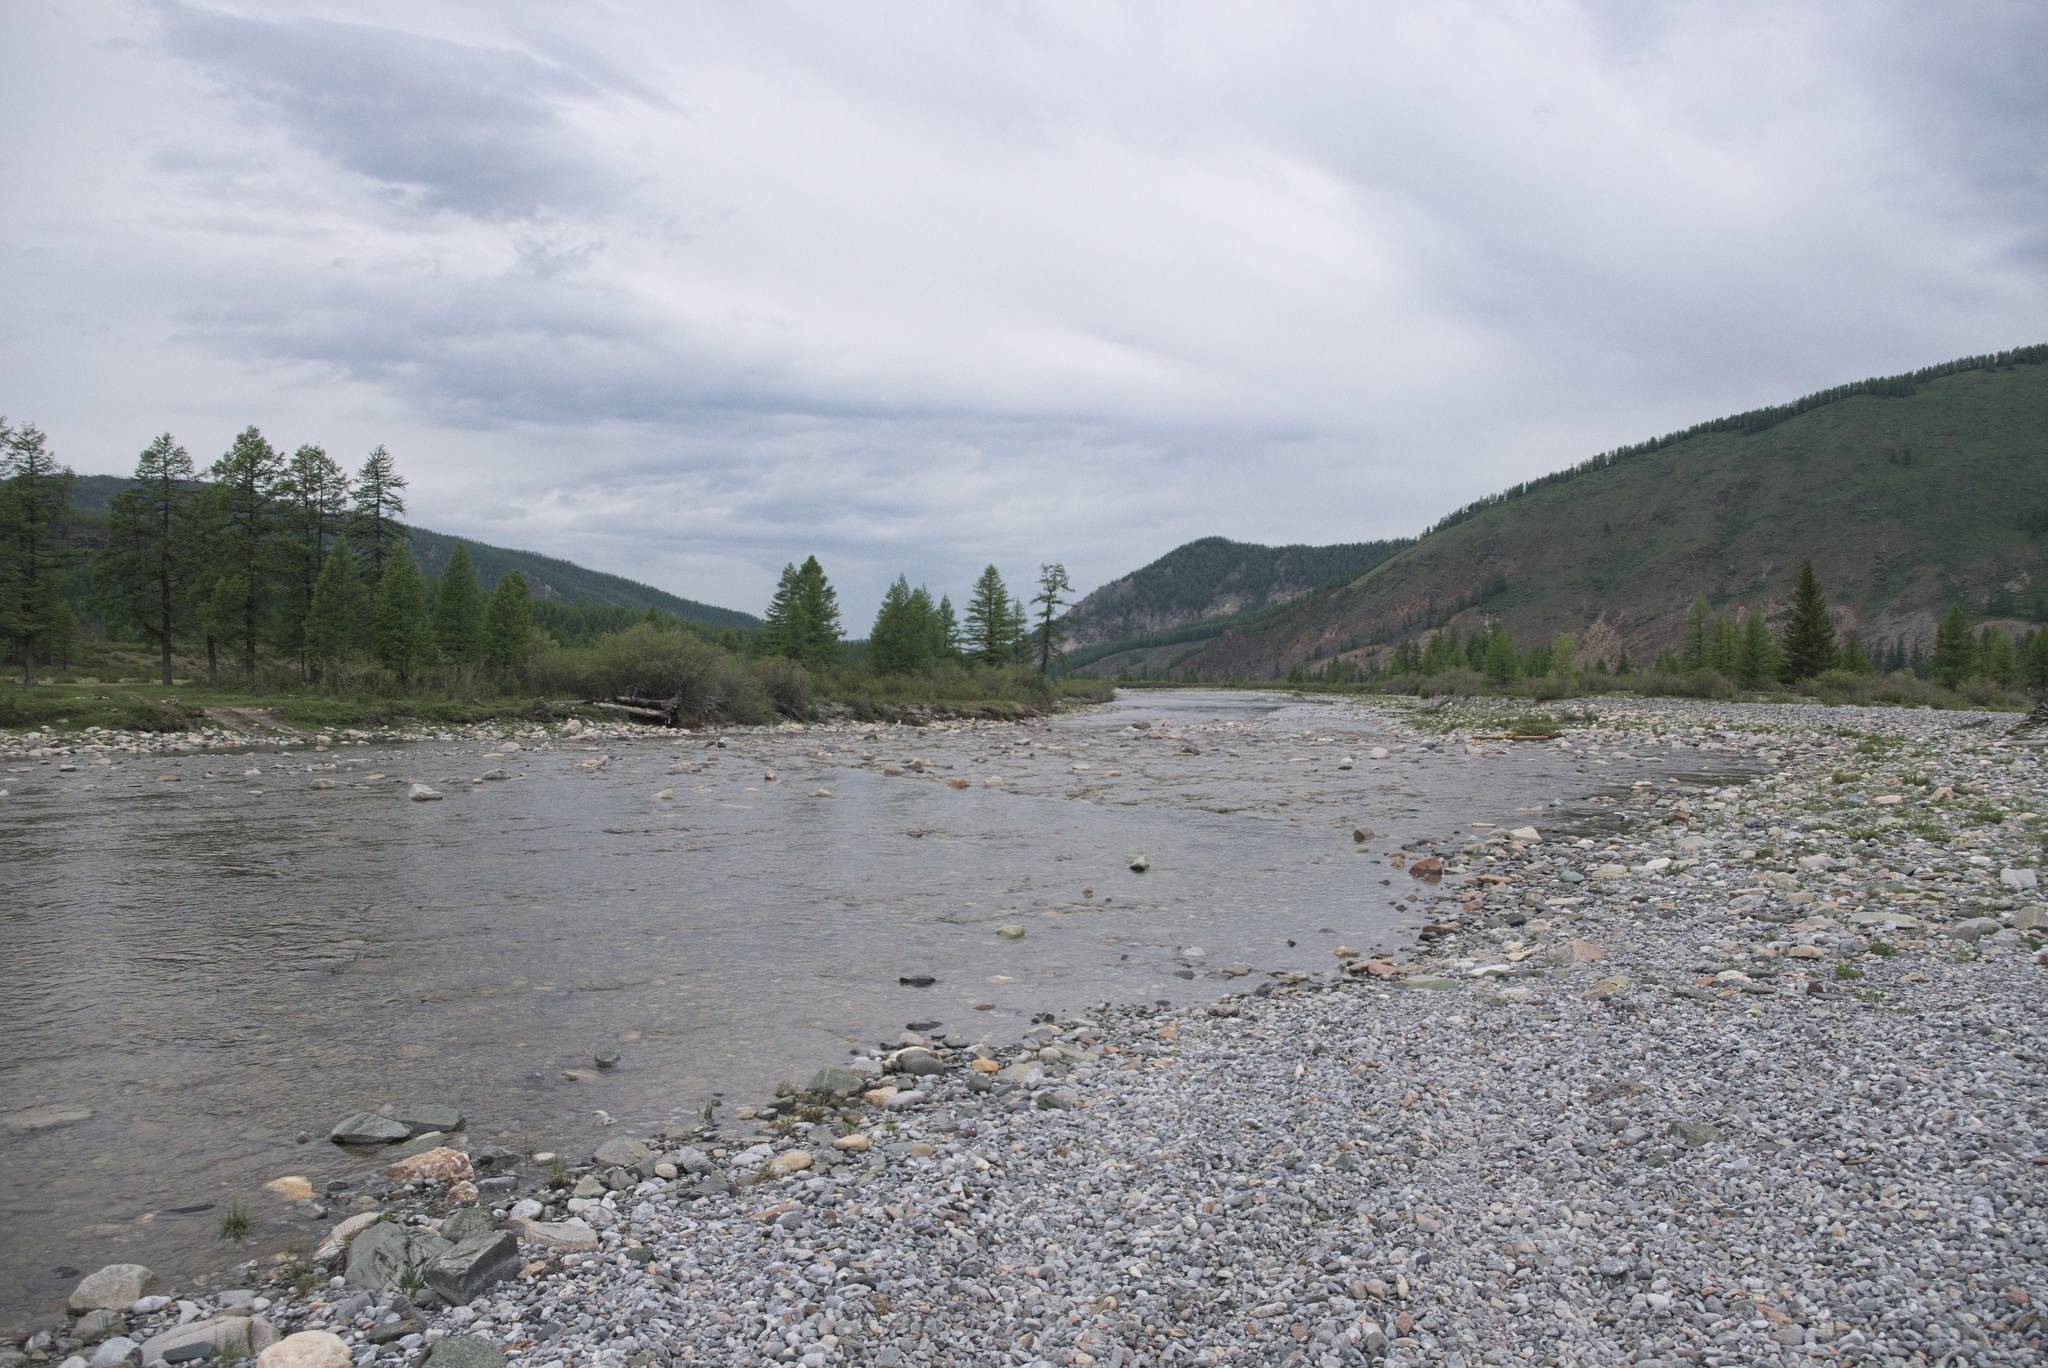 Dalsza droga polega na cyklicznym przekraczaniu tej rzeki. Ja nie mam problemu z zimnem w nogach, więc pozostało napierać do przodu.